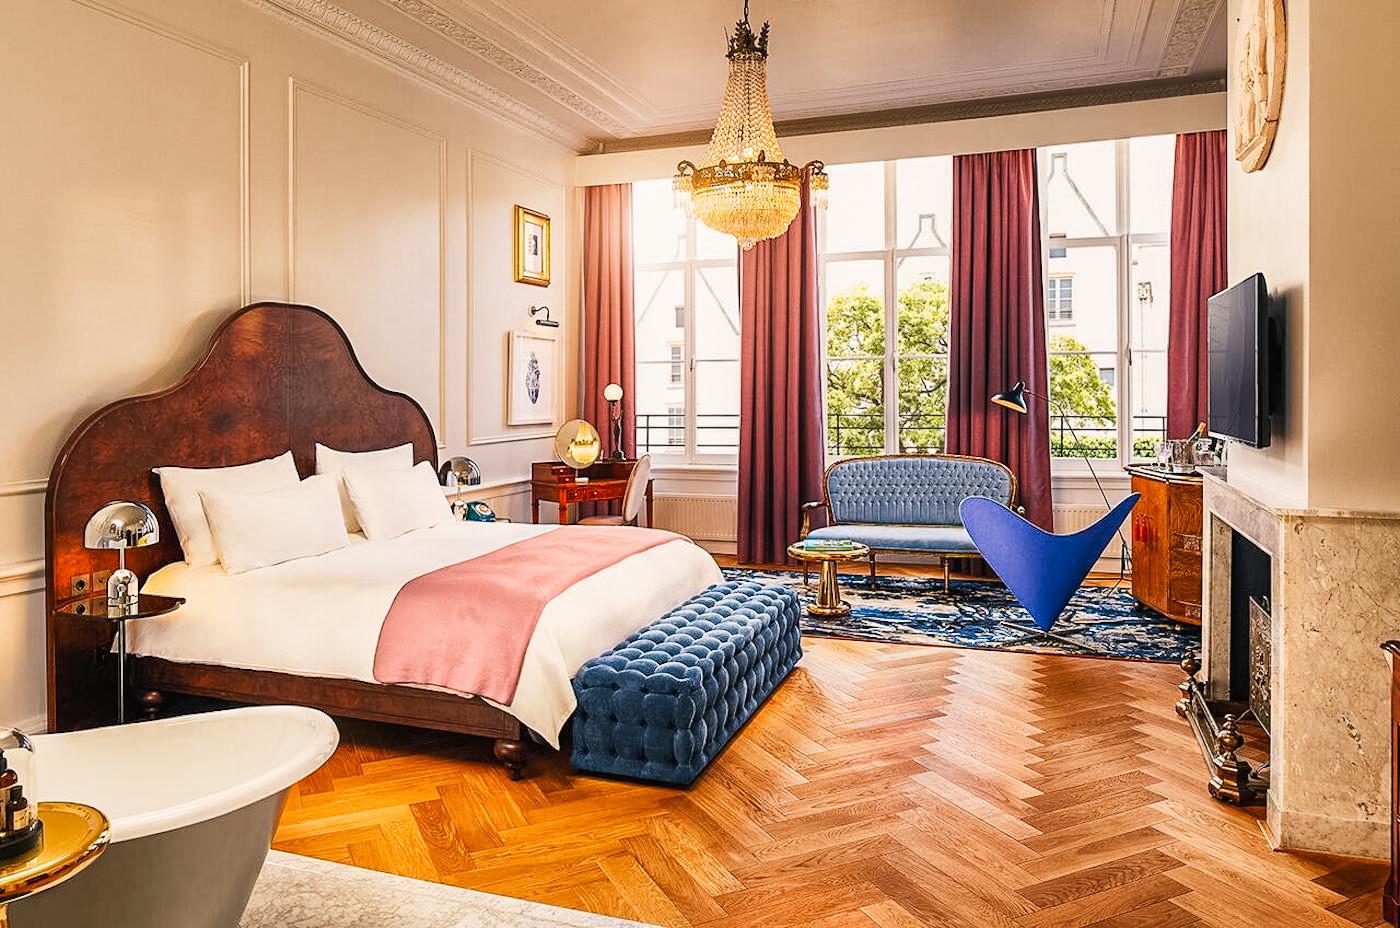 romantisch hotel in nederland pulitzer